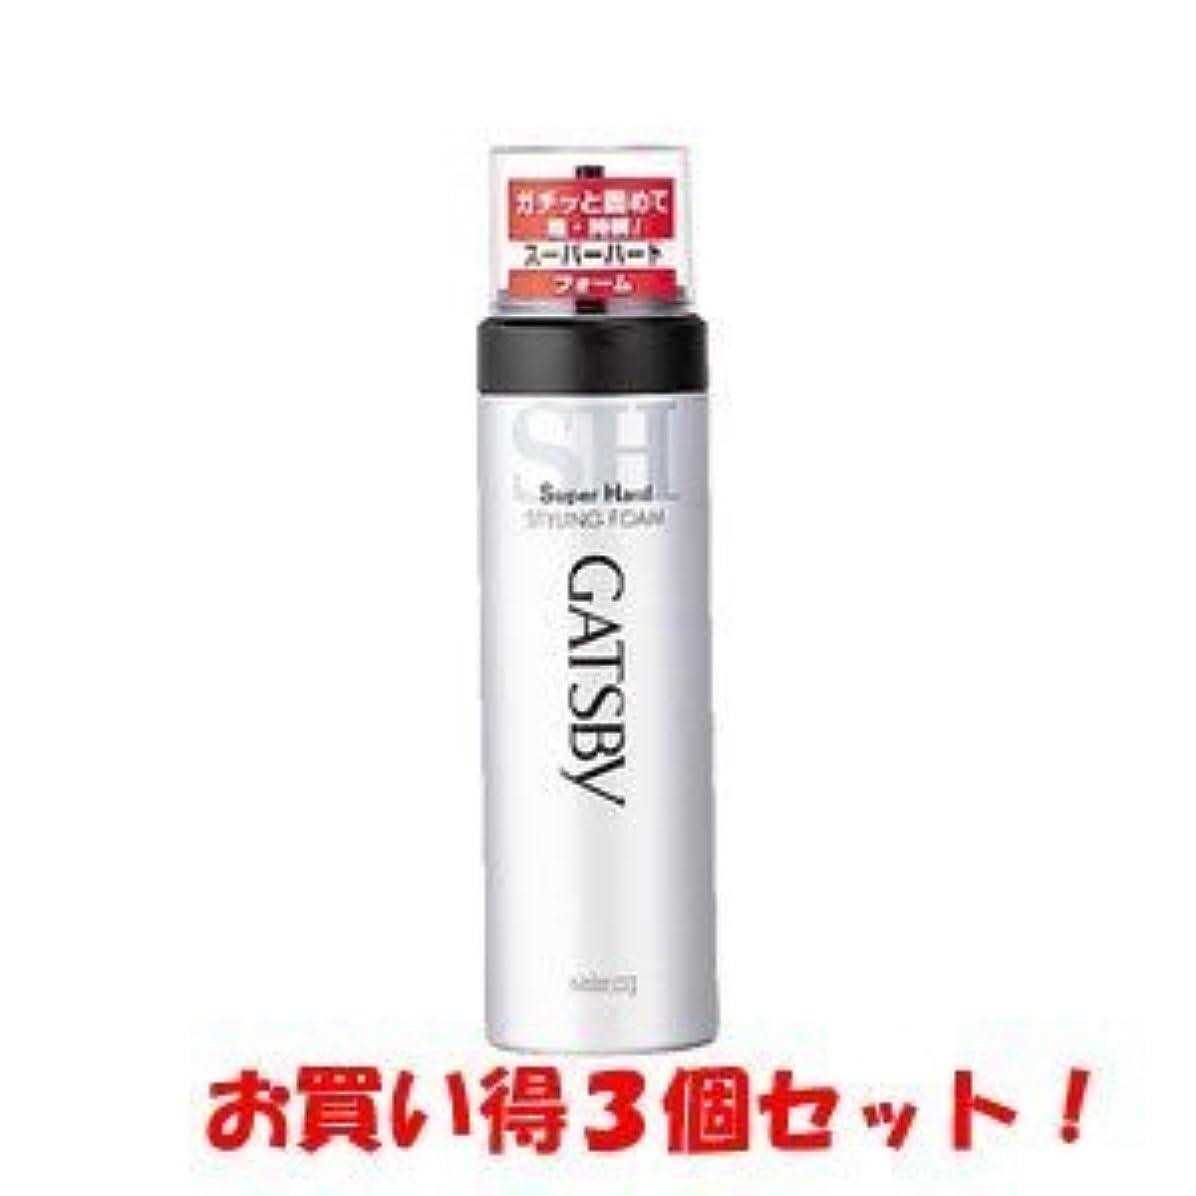 目に見えるロック解除高さギャツビー【GATSBY】スタイリングフォーム スーパーハード 185g(お買い得3個セット)